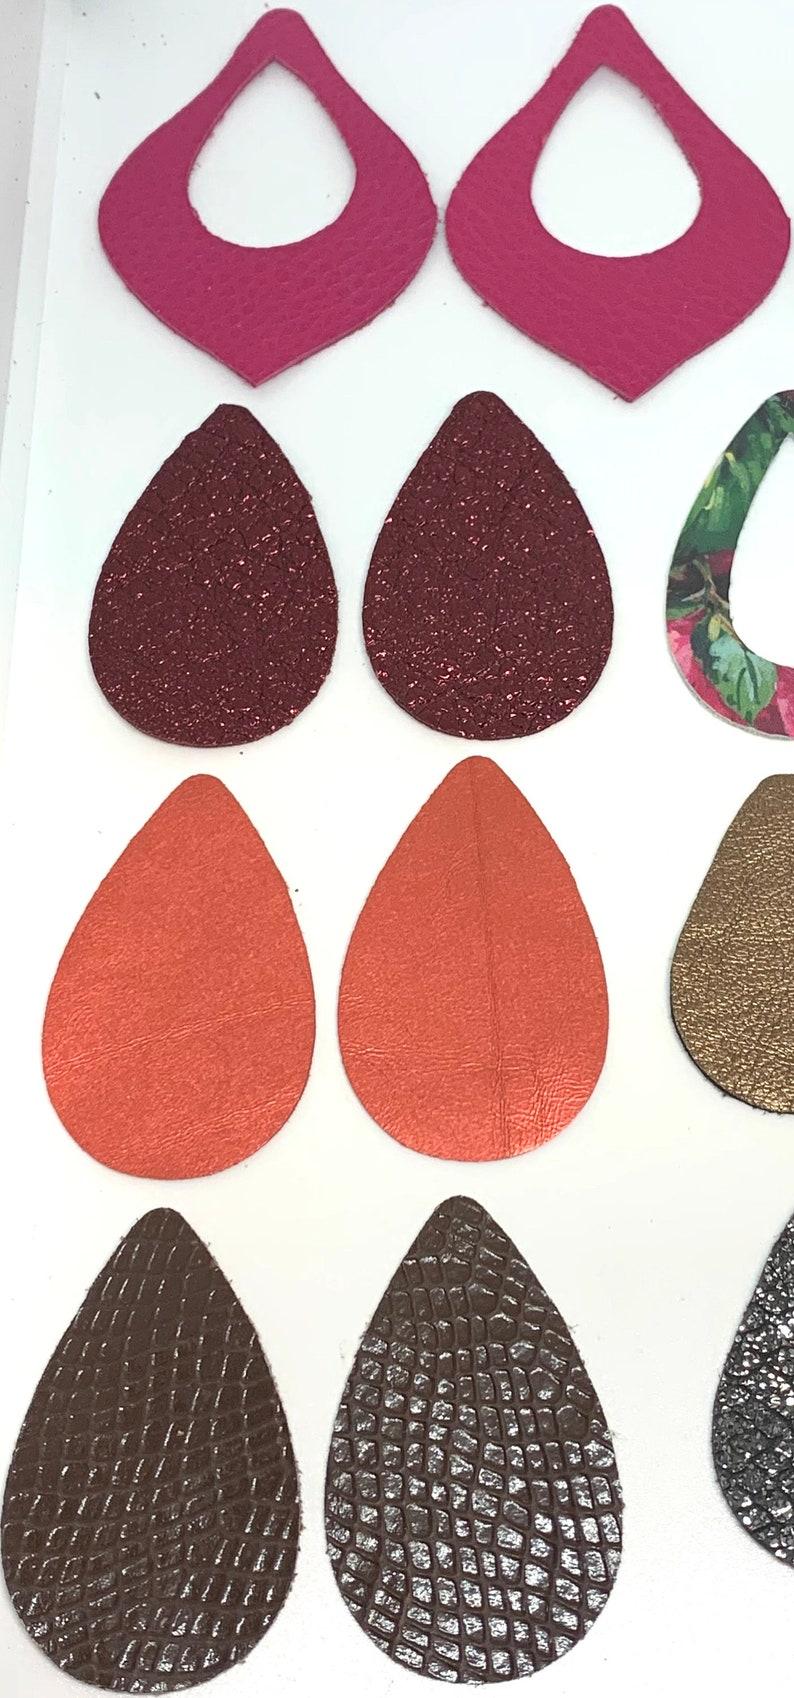 supplier DIY Earring Colored Earring Supplies Teardrop Leather Earring Shape Leather Teardrop pre cut drops cutouts genuine